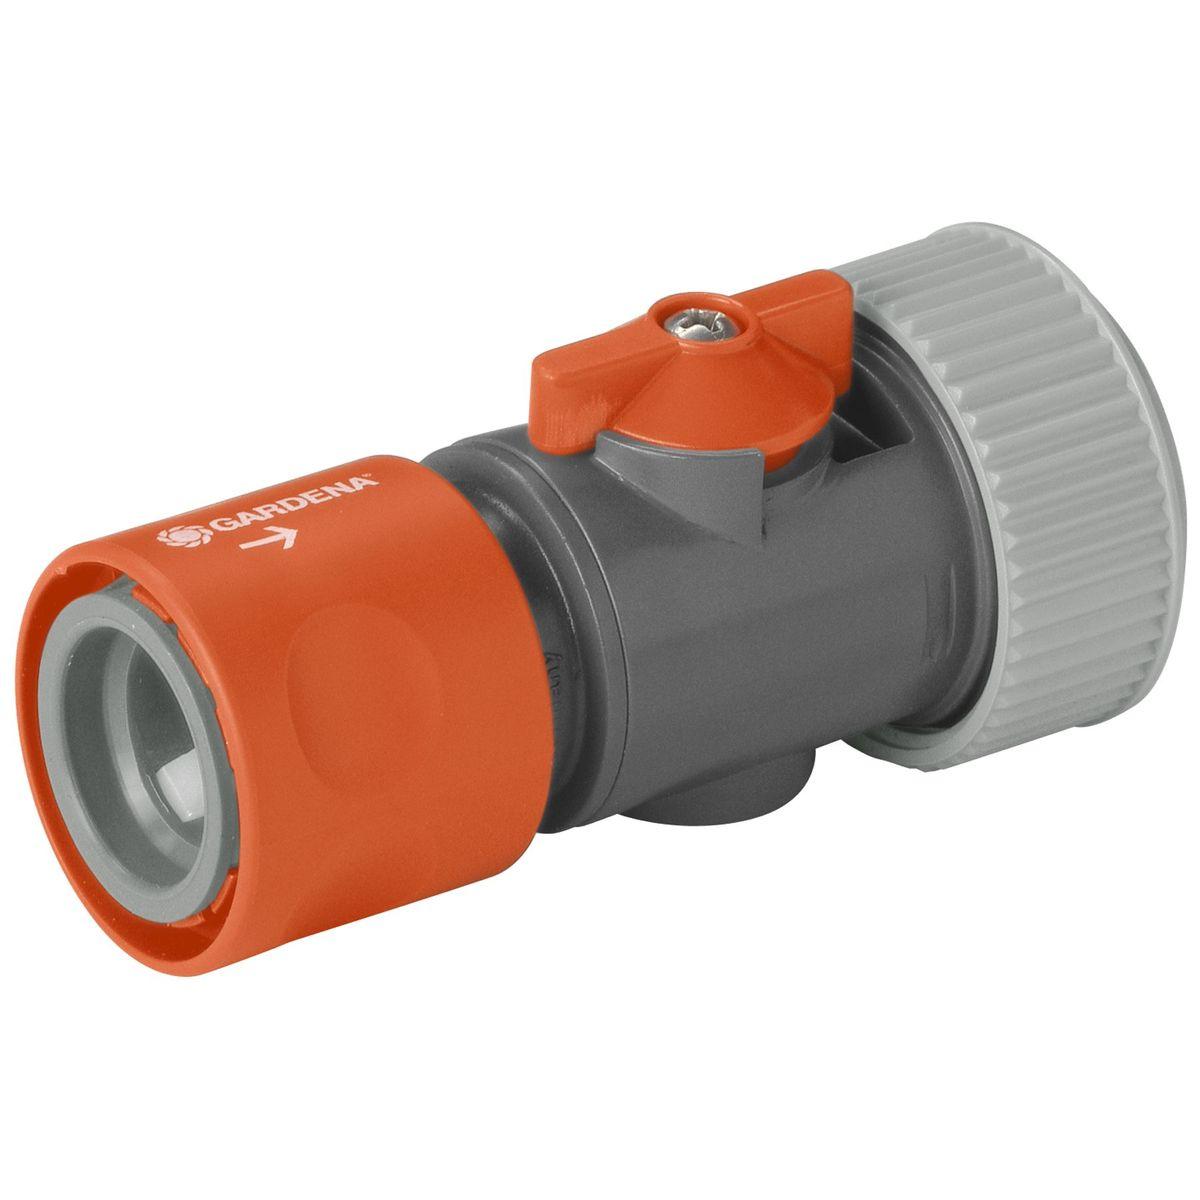 """Коннектор """"Gardena"""" это ручной регулятор интенсивности и отключения воды. Удобен при смене насадок без перекрытия крана, особенно для систем с большим напором. Для шлангов диаметром 19 мм (3/4"""") ."""